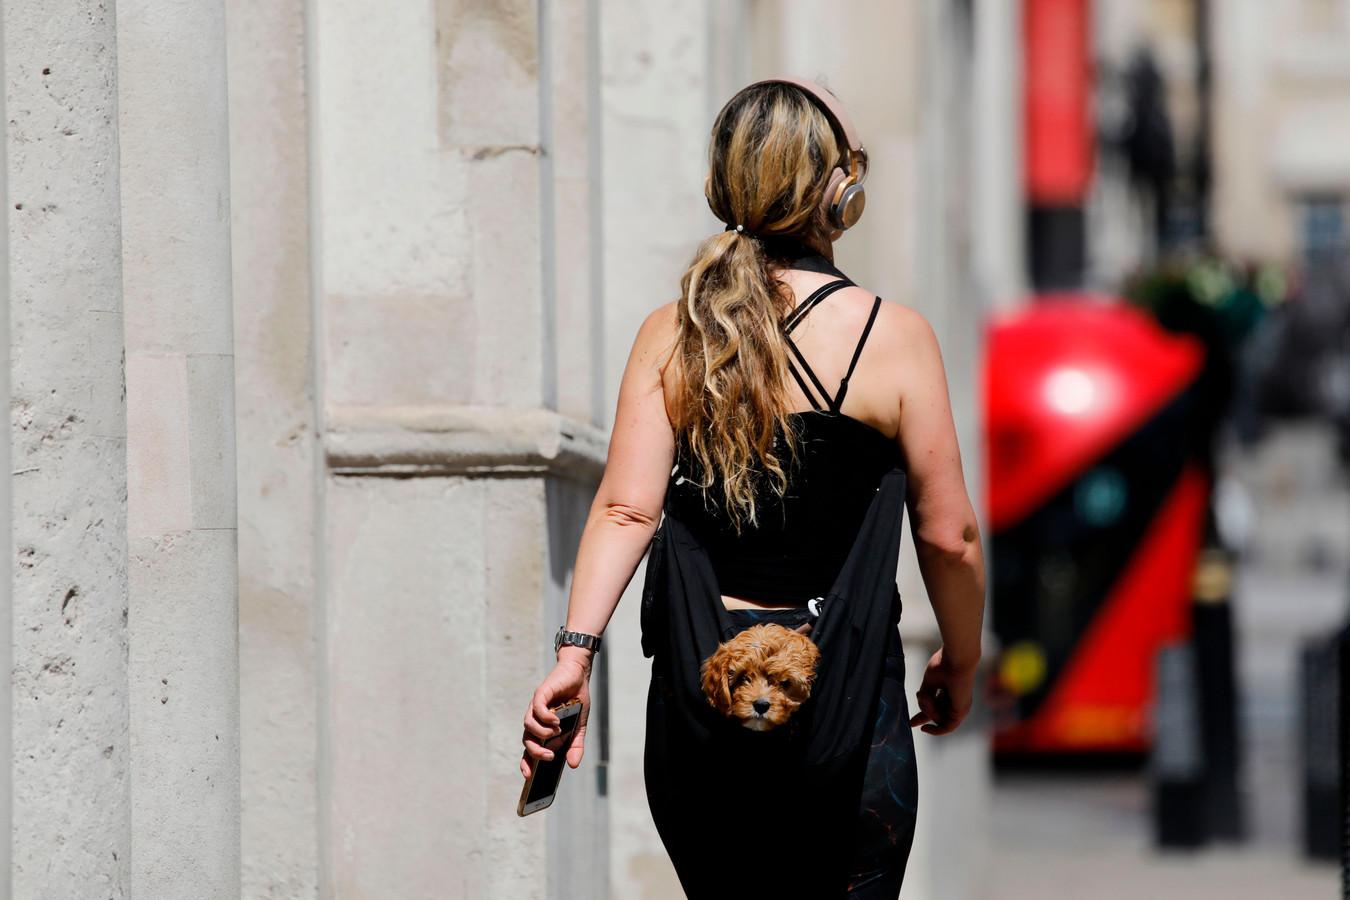 Een vrouw heeft haar pup in een draagzak gestopt.